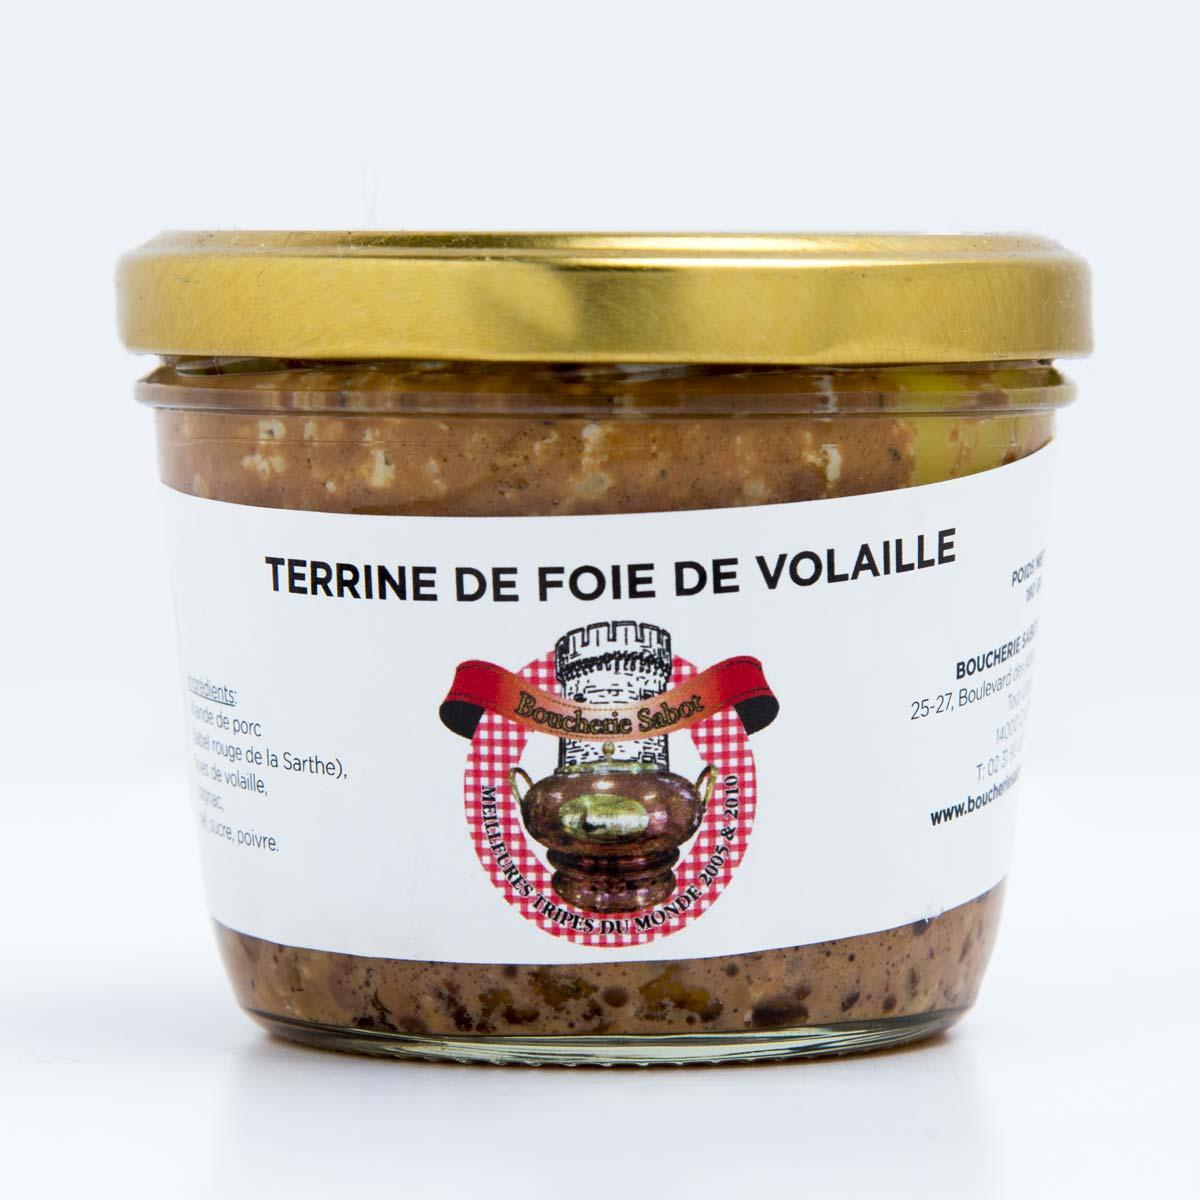 terrine-de-foie-de-volaille-boucherie-sabot